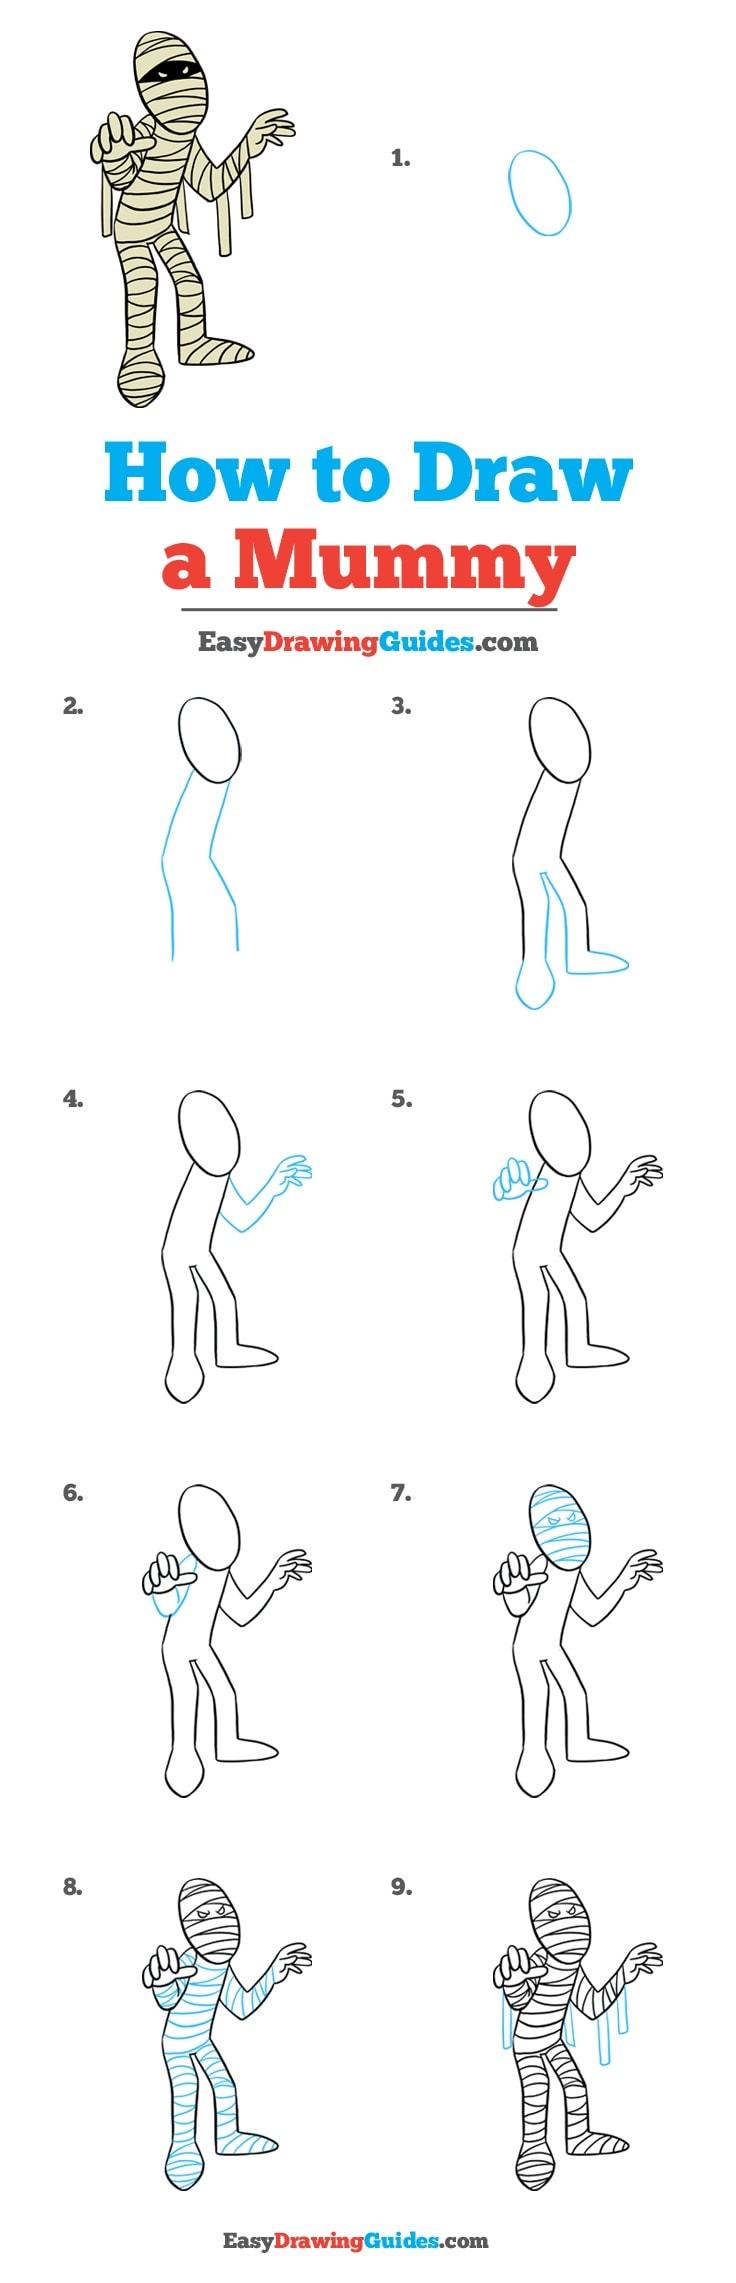 How to Draw Mummy